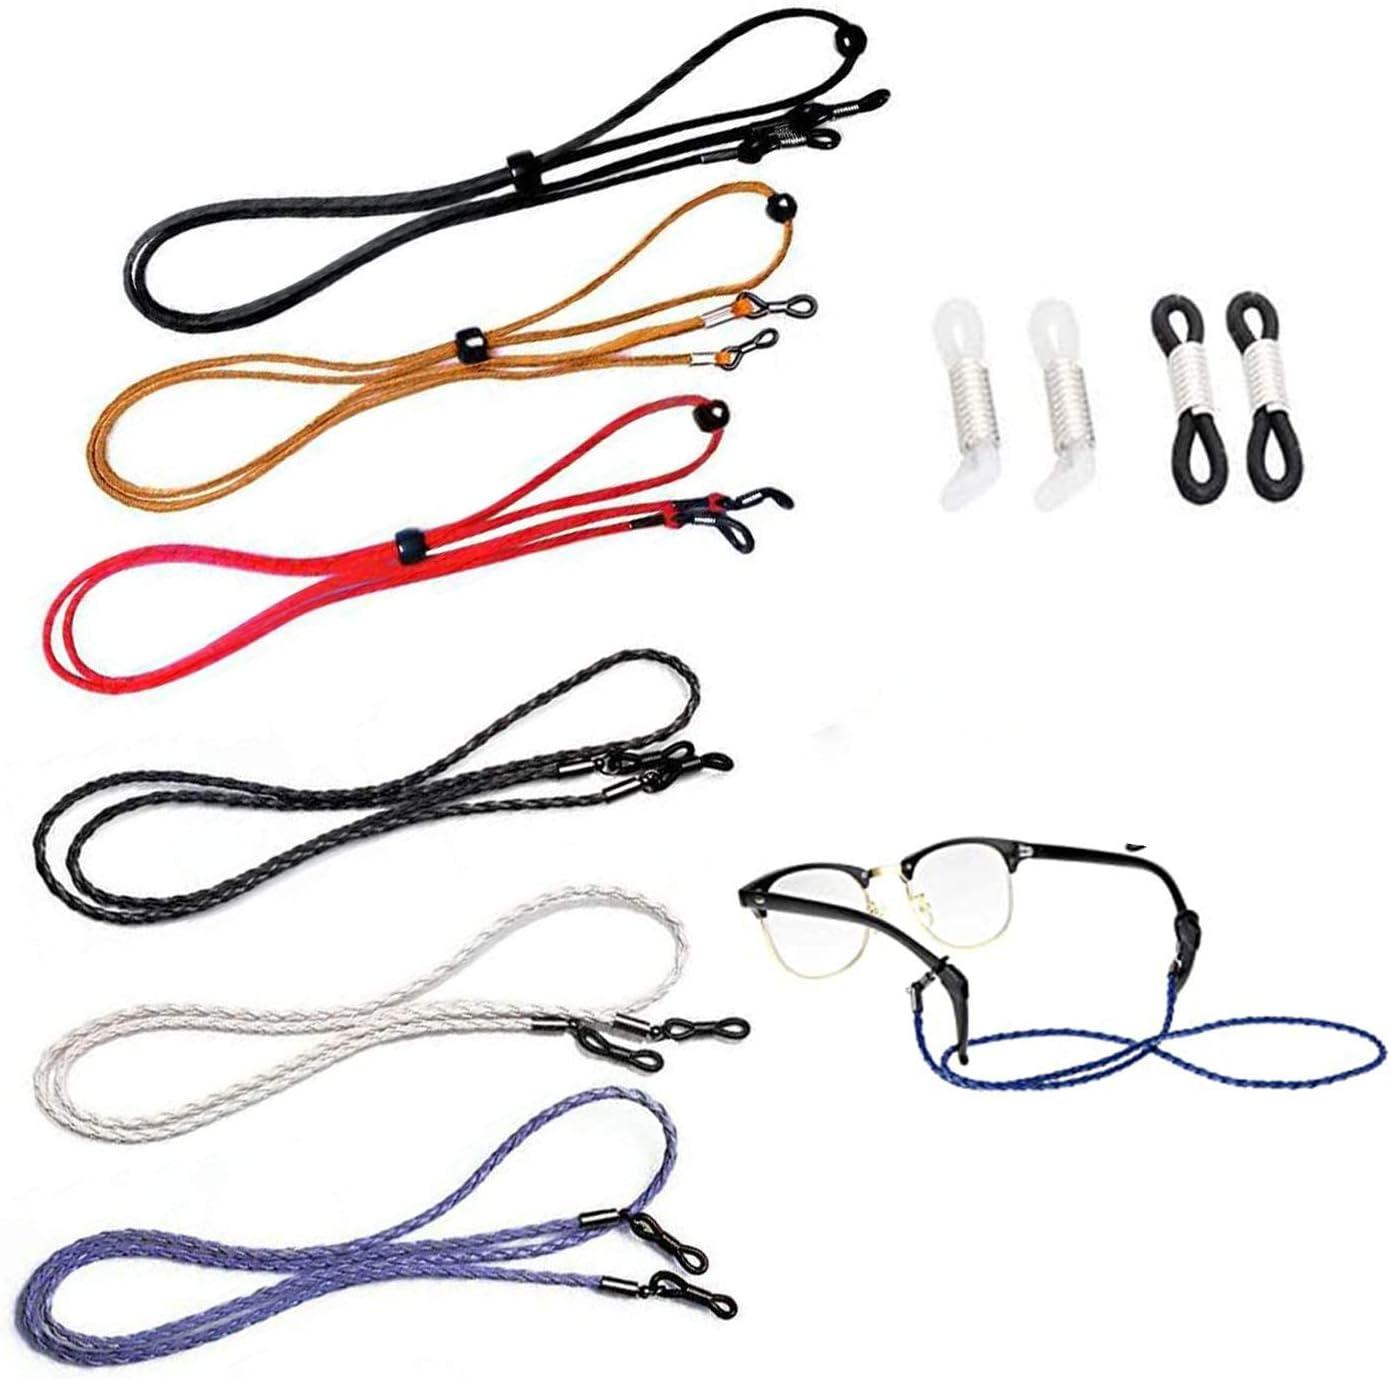 6 Pcs Eyeglasses String Holder Straps Adjustable Eyewear Safety Branded Many popular brands goods